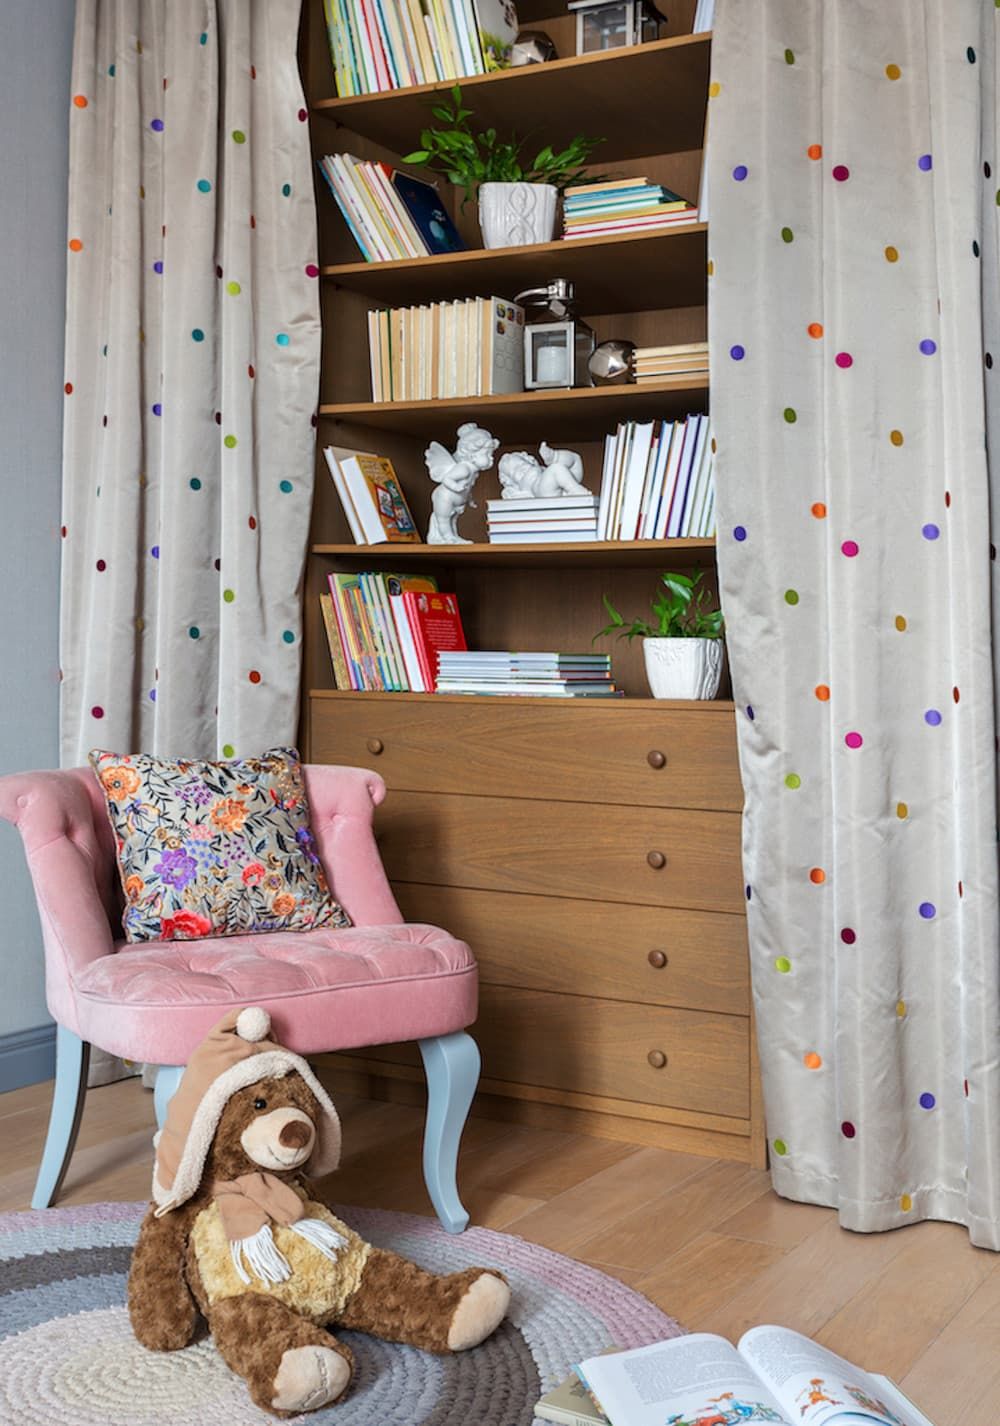 Практичные идеи для маленькой детской с удобным зонированием фото 1